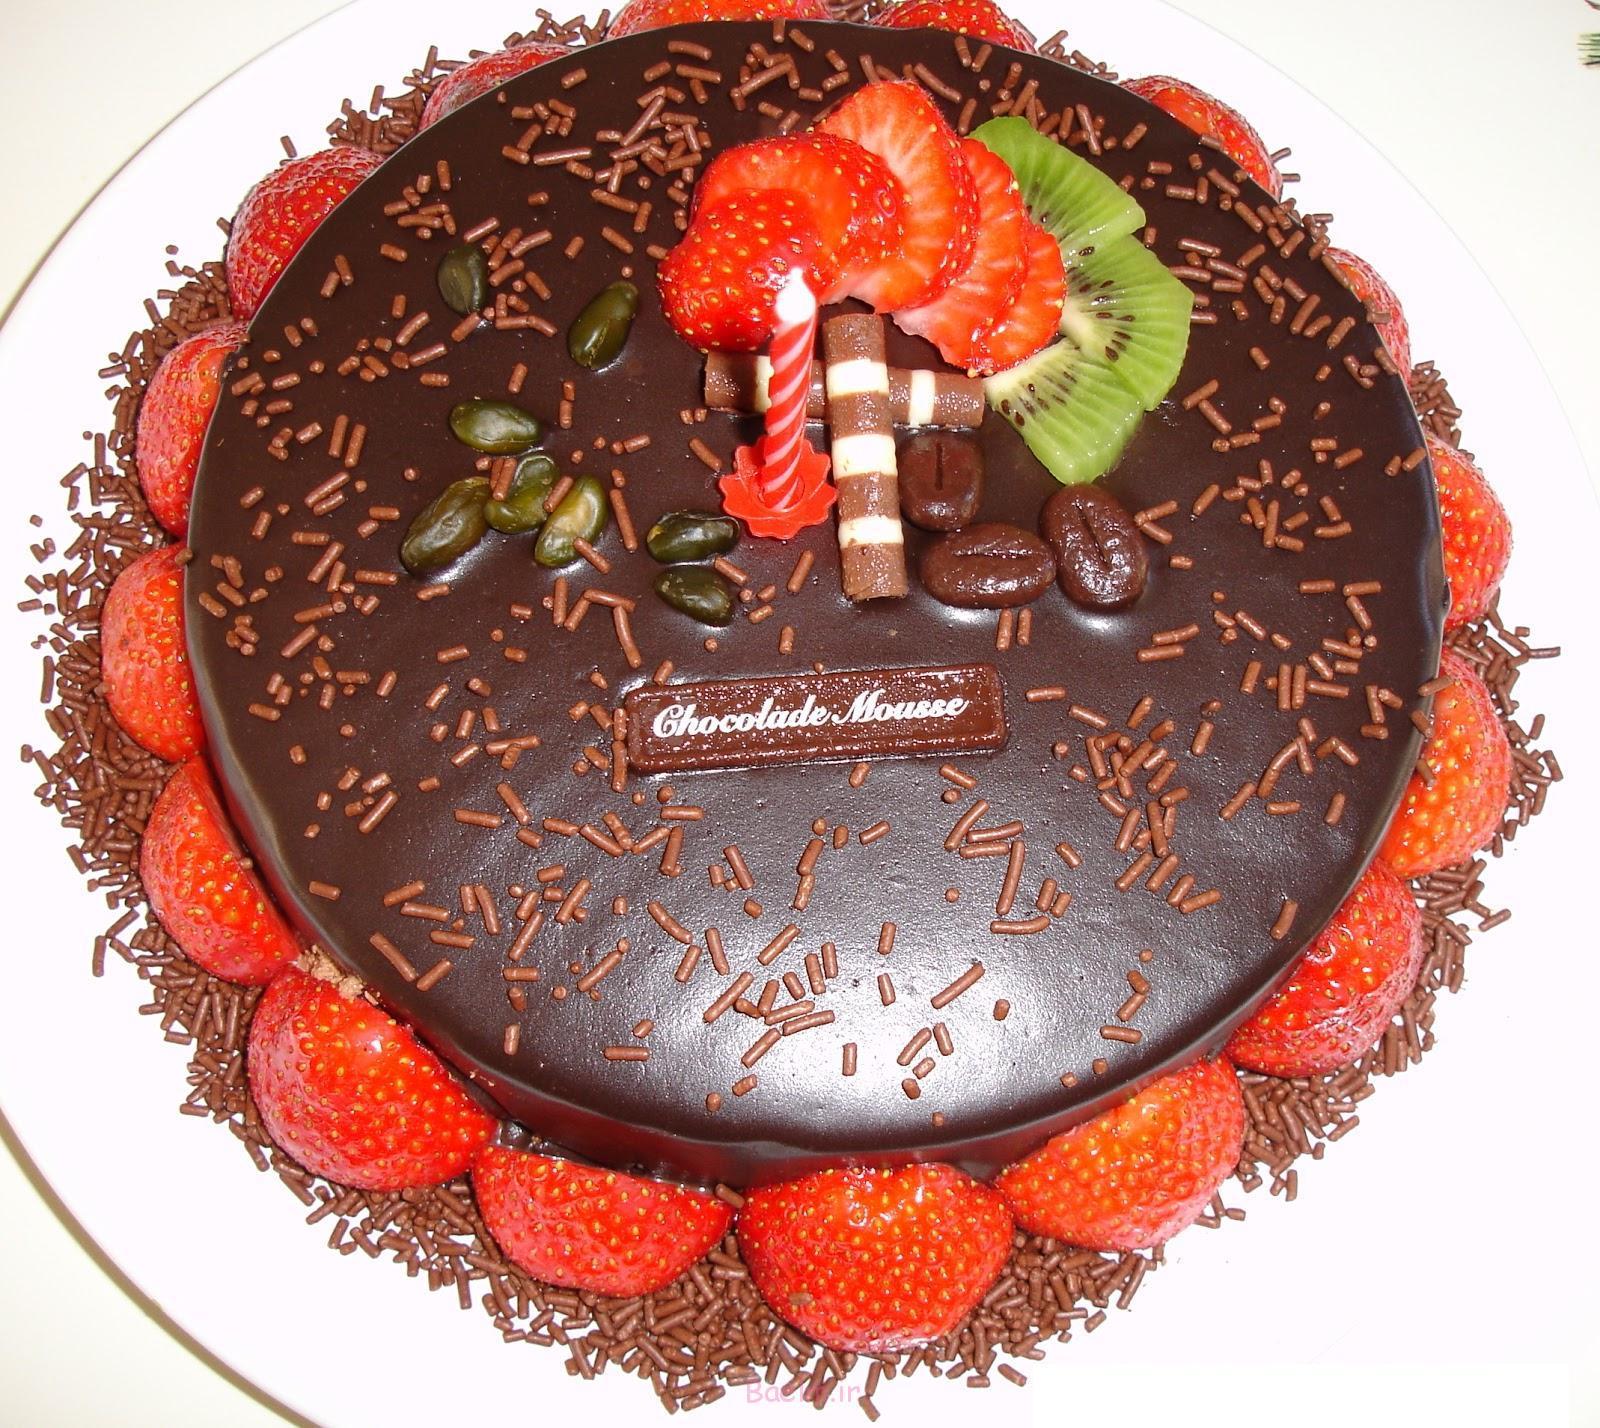 دیدنیها | عکس های زیبا از تزیینات کیک های شکلاتی مخصوص تولد